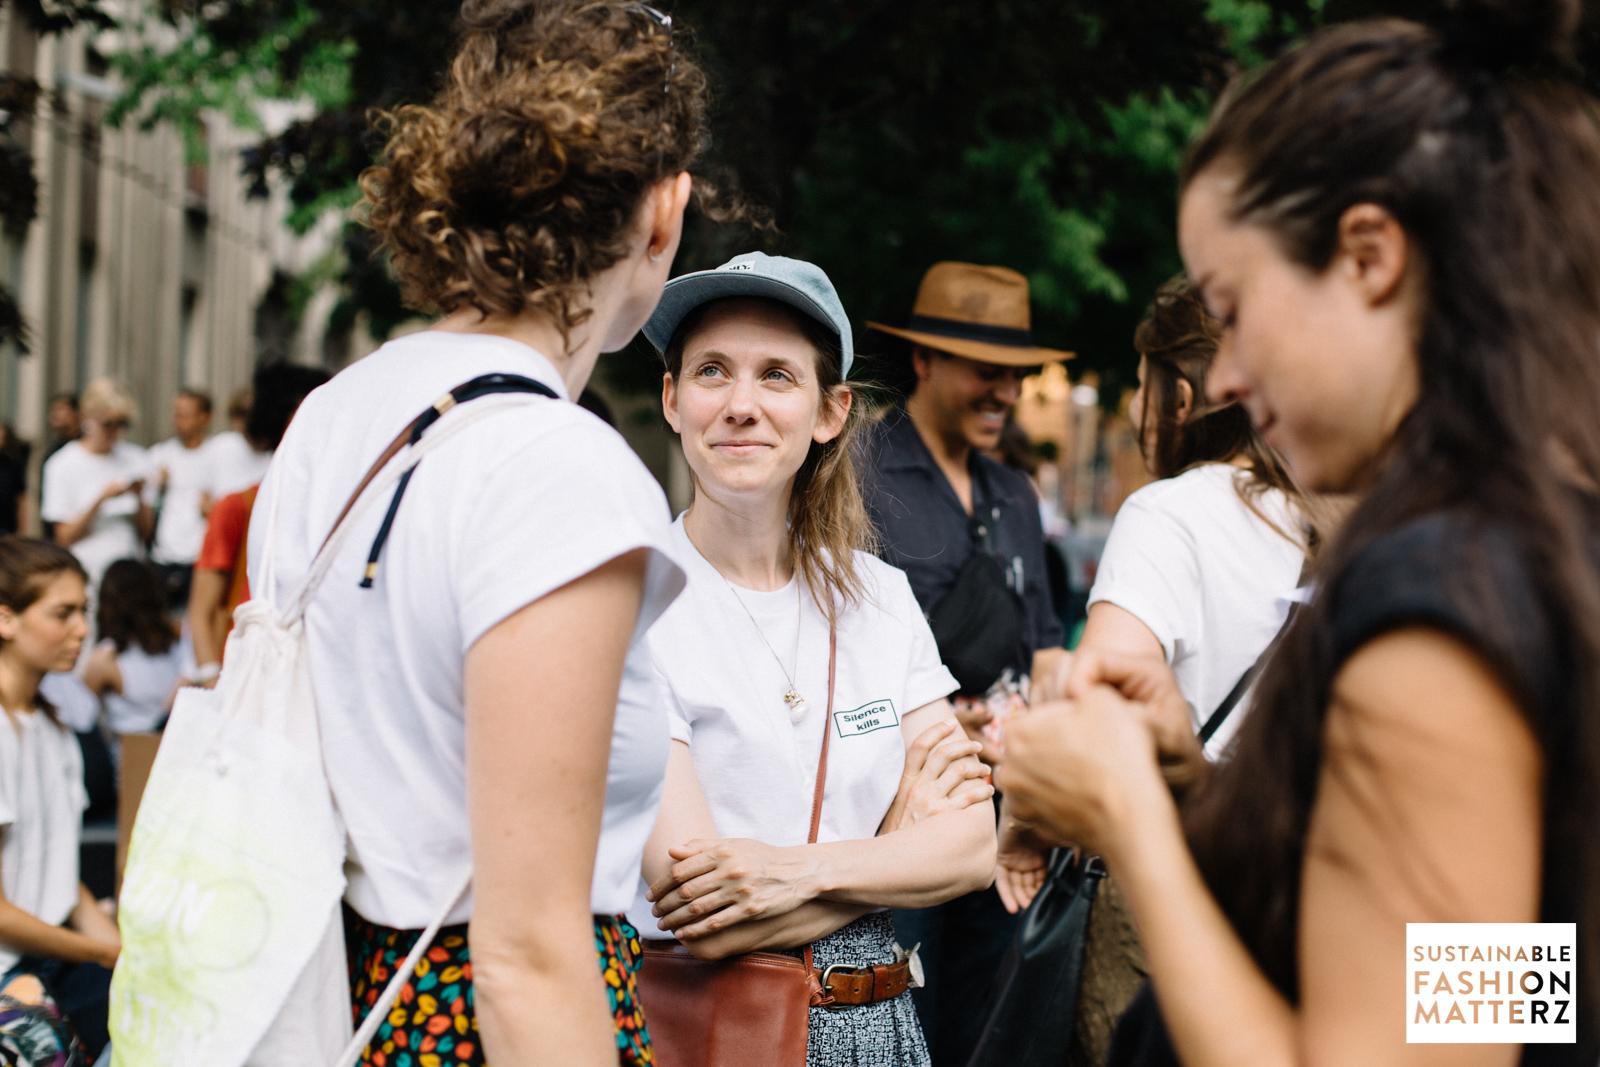 fashion-revolution-berlin-2019-28.jpg